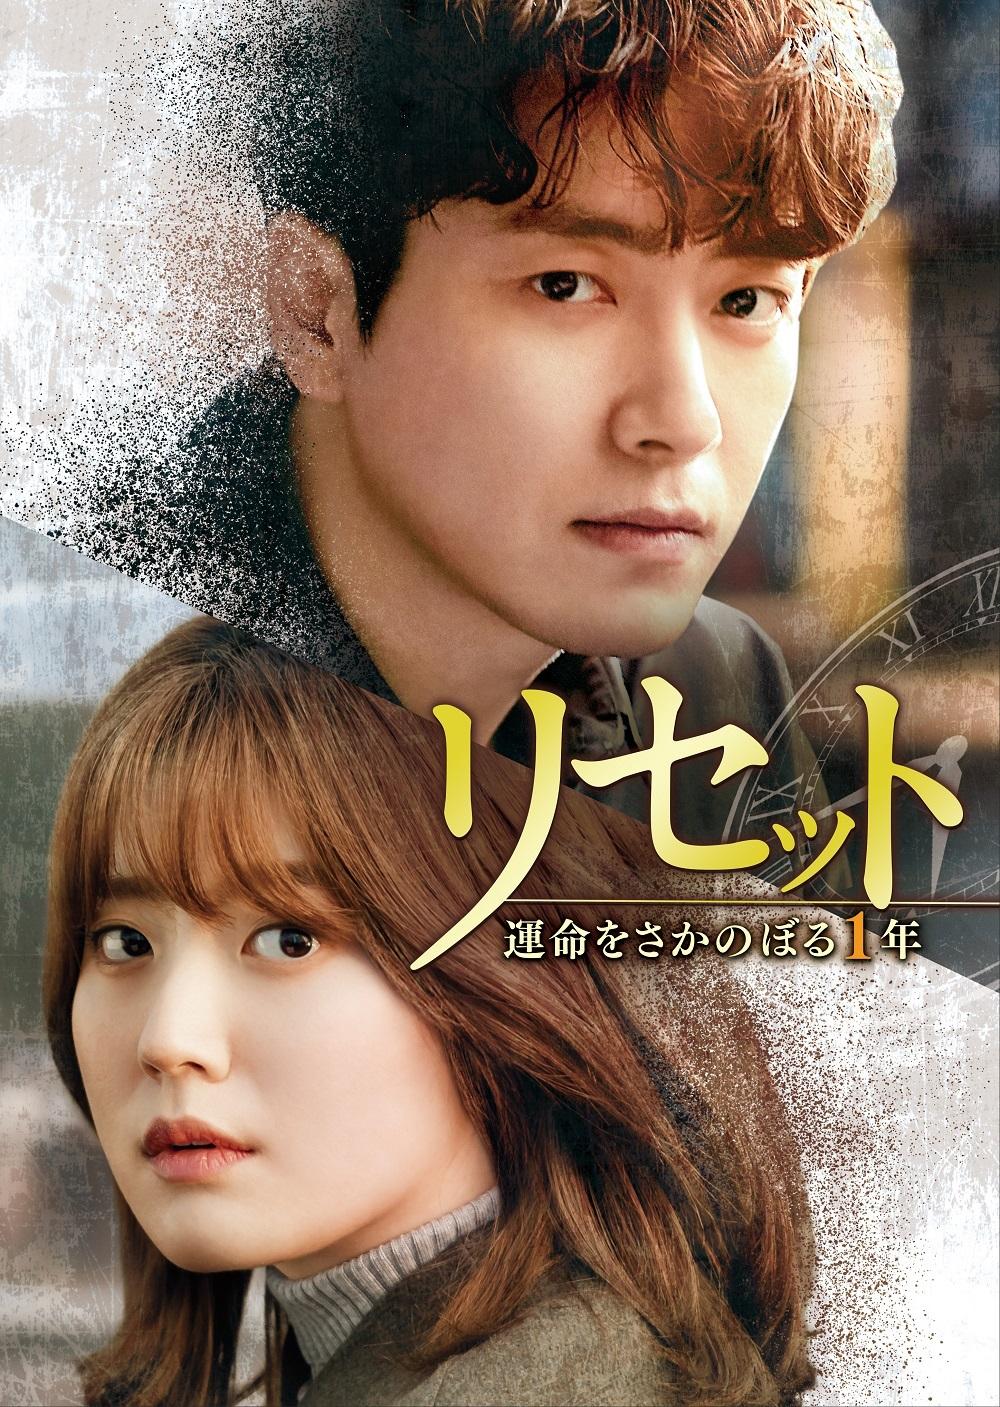 韓流・行く年来る年、知っておきたいドラマ、本、アーティスト!_1_7-1